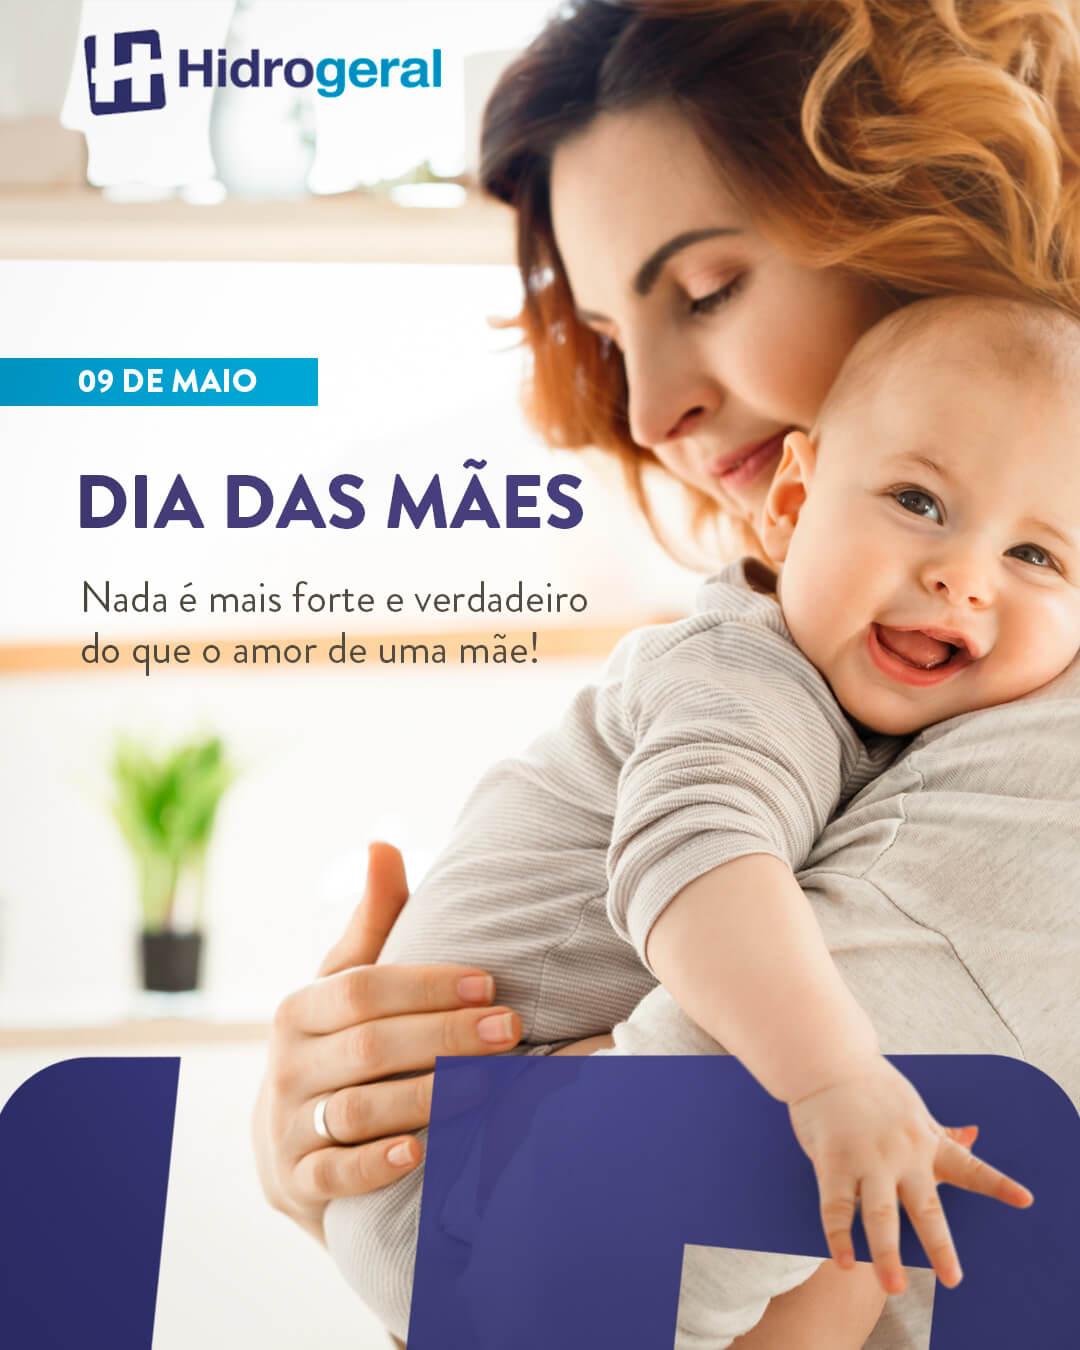 HIDROGERAL - Dia das mães